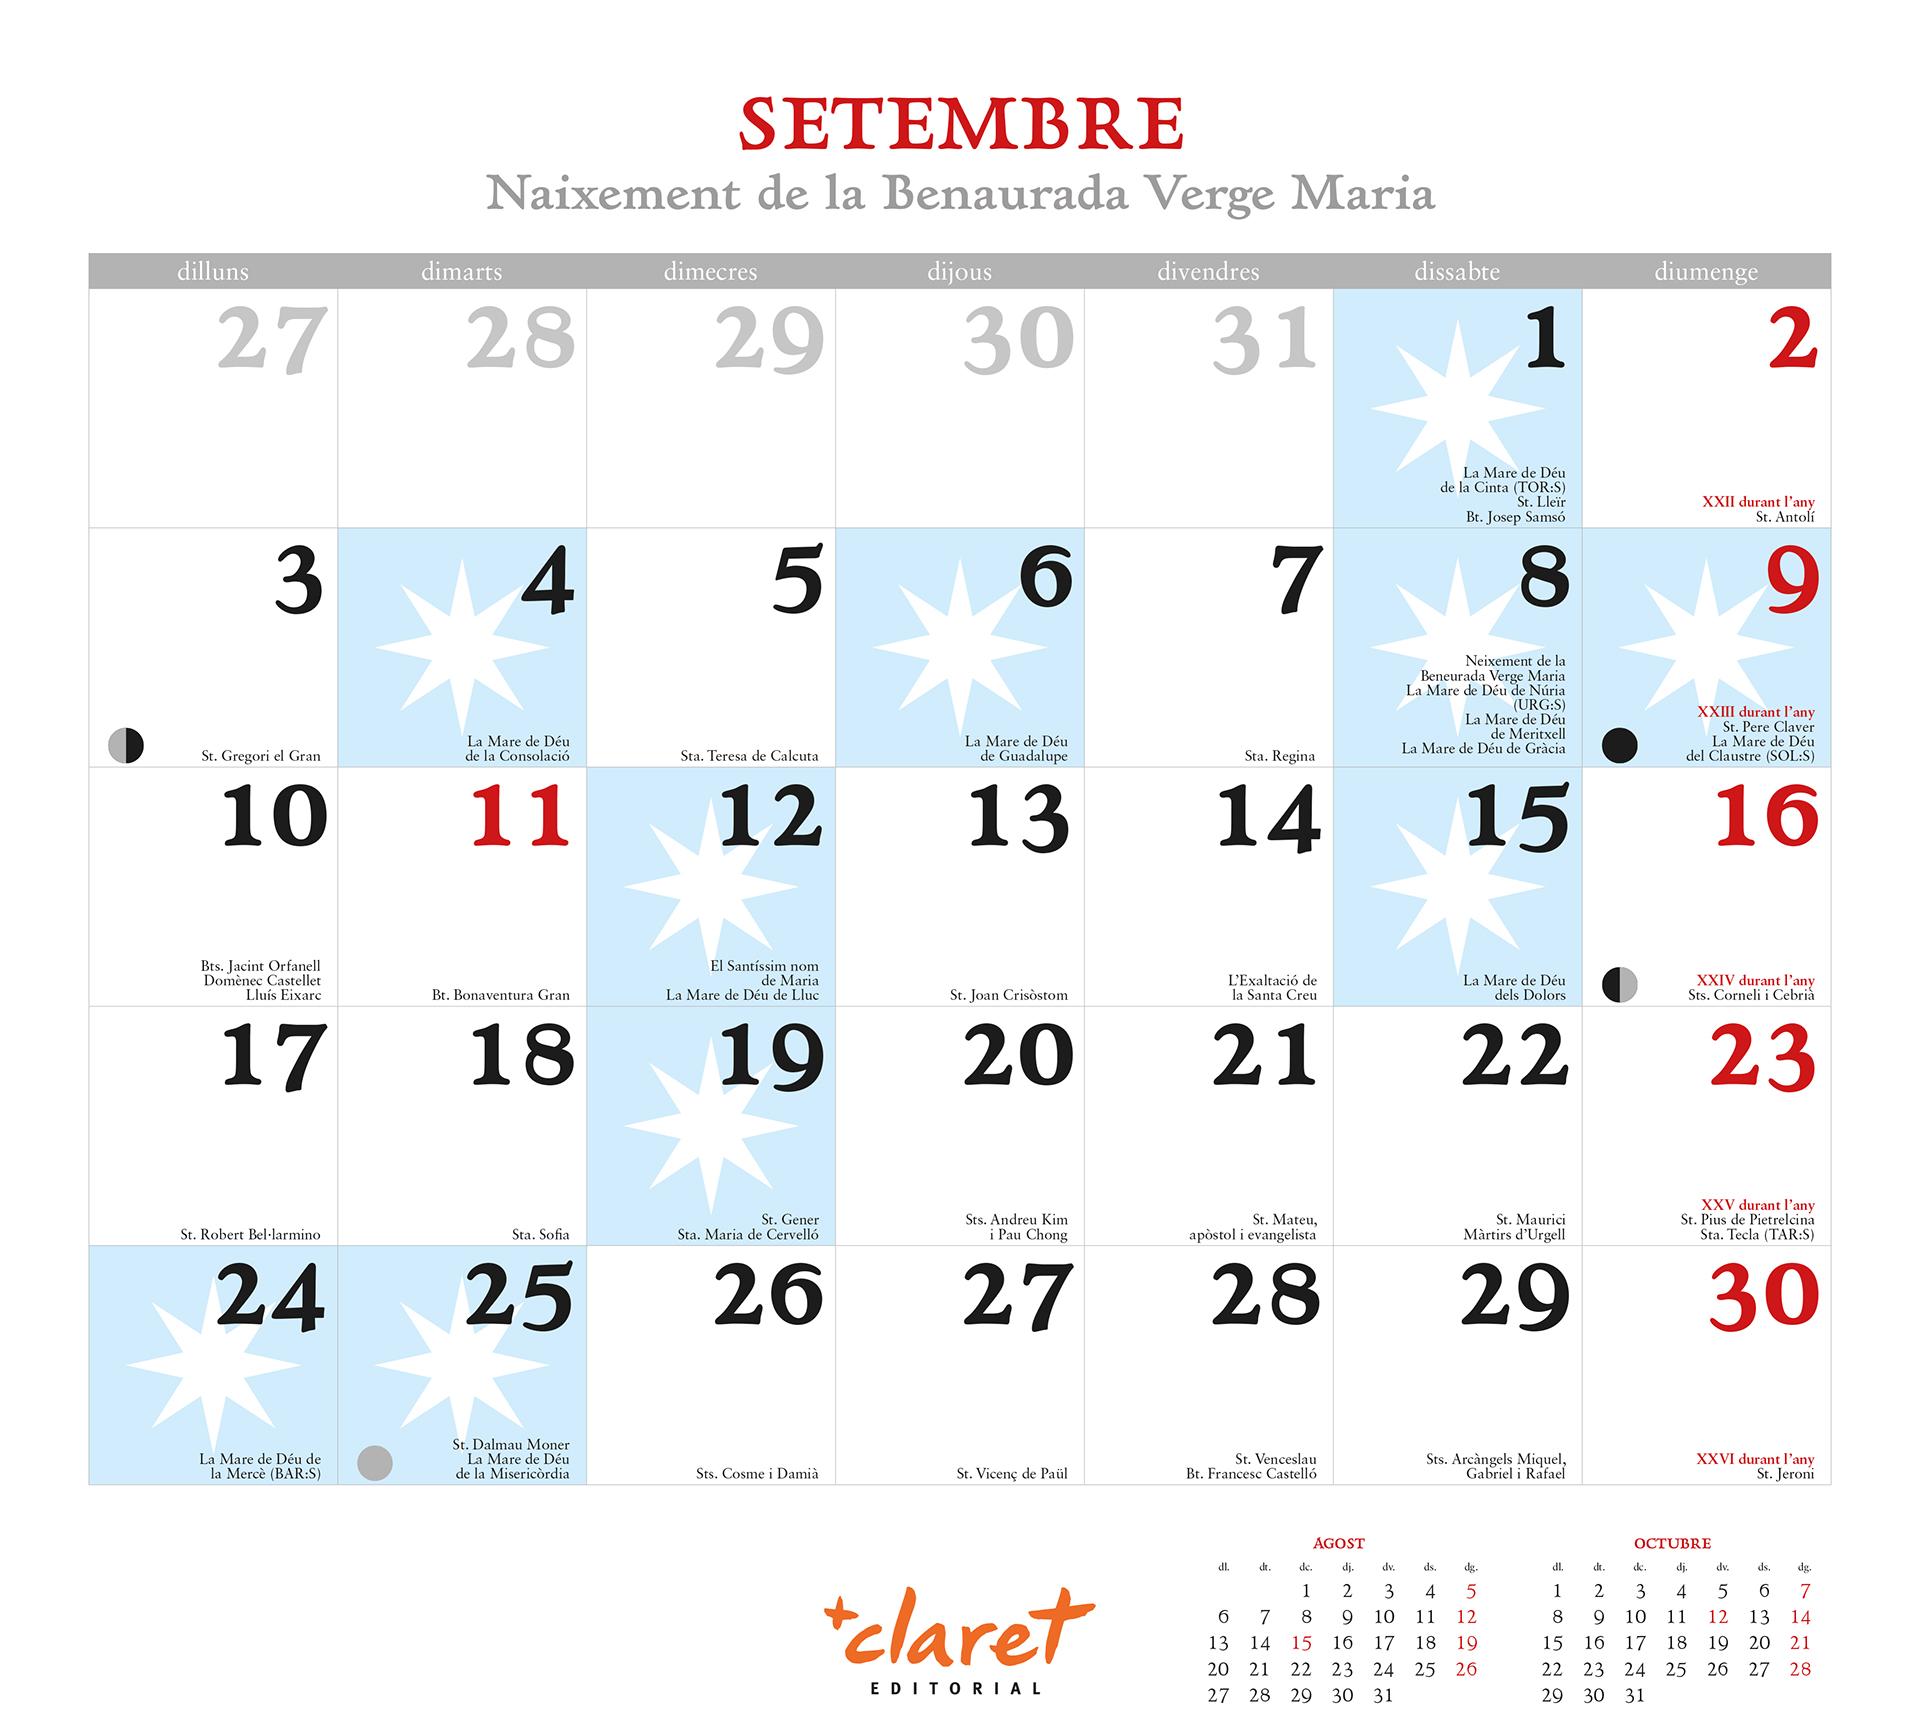 Ejemplo de un mes en el calendario